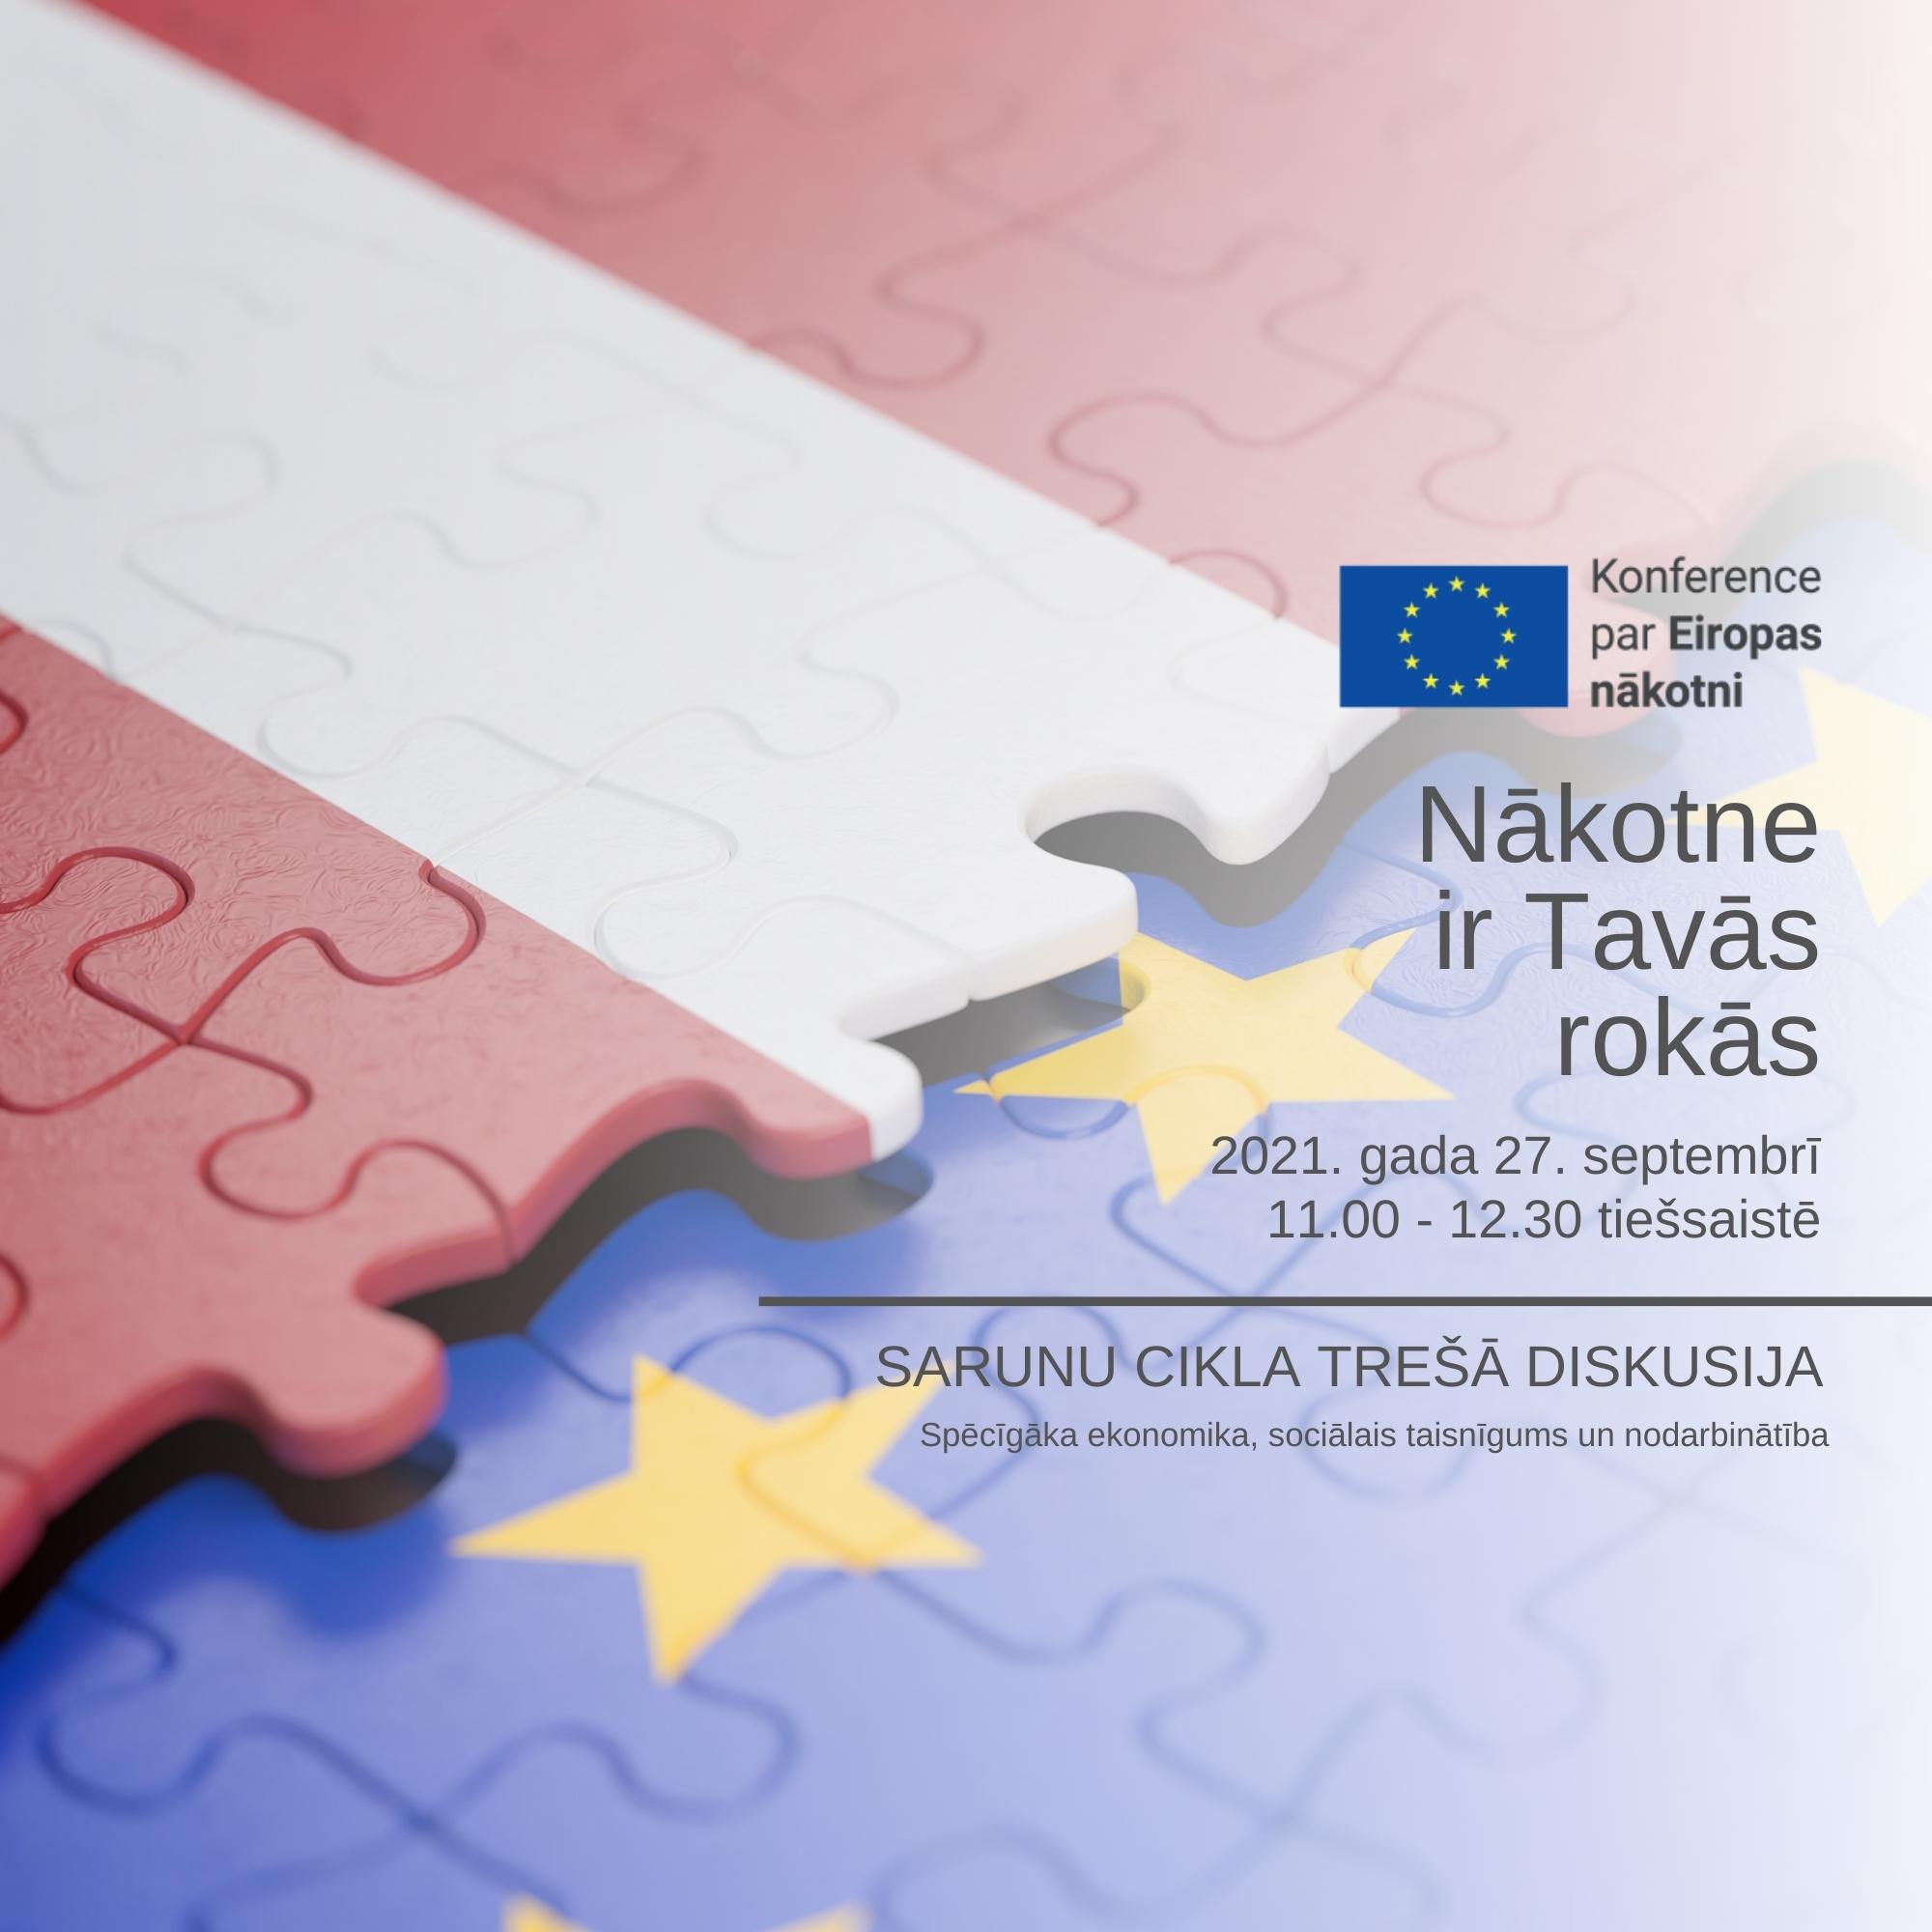 Konference par Eiropas nākotni